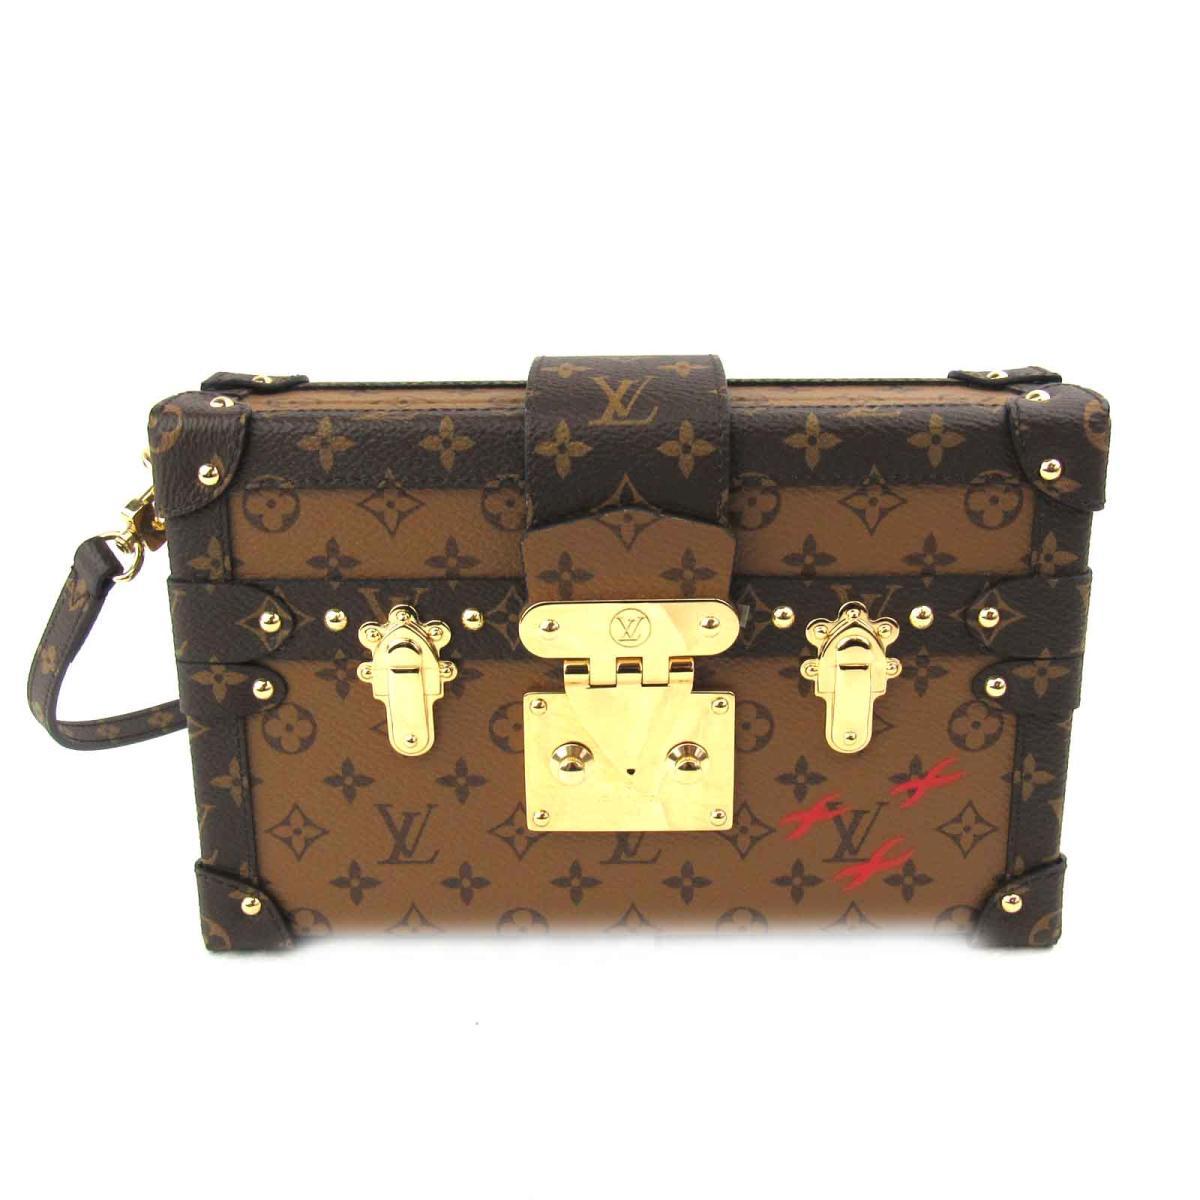 LOUIS VUITTON バッグ M44154 【おすすめ!】プティット・マル ショルダーバッグ クラッチバッグ